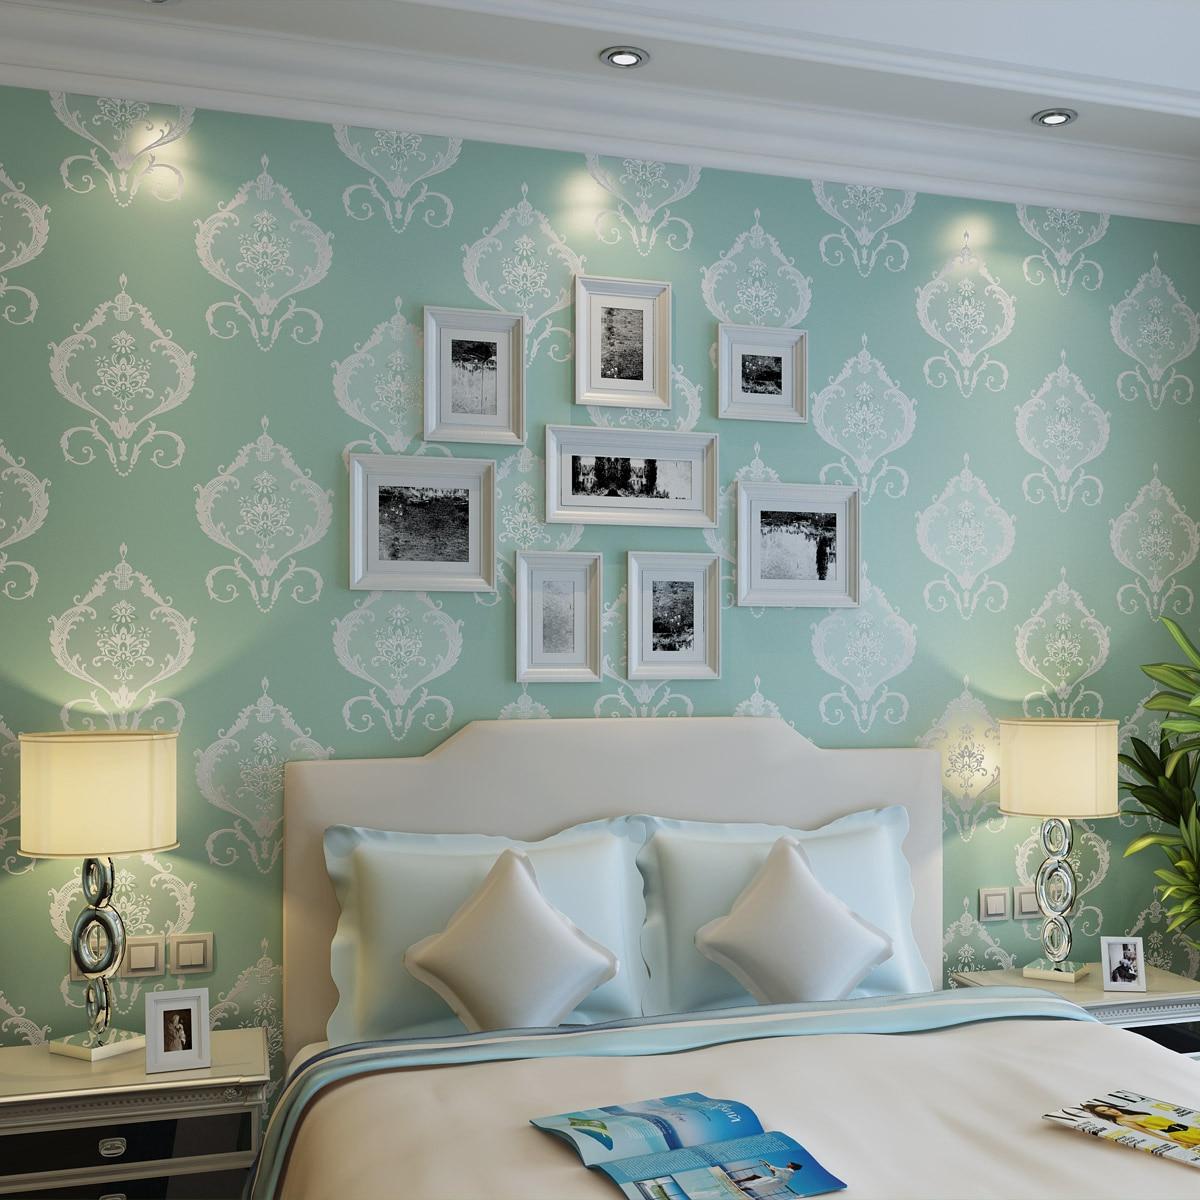 online kopen wholesale slaapkamer behang blauw uit china, Deco ideeën